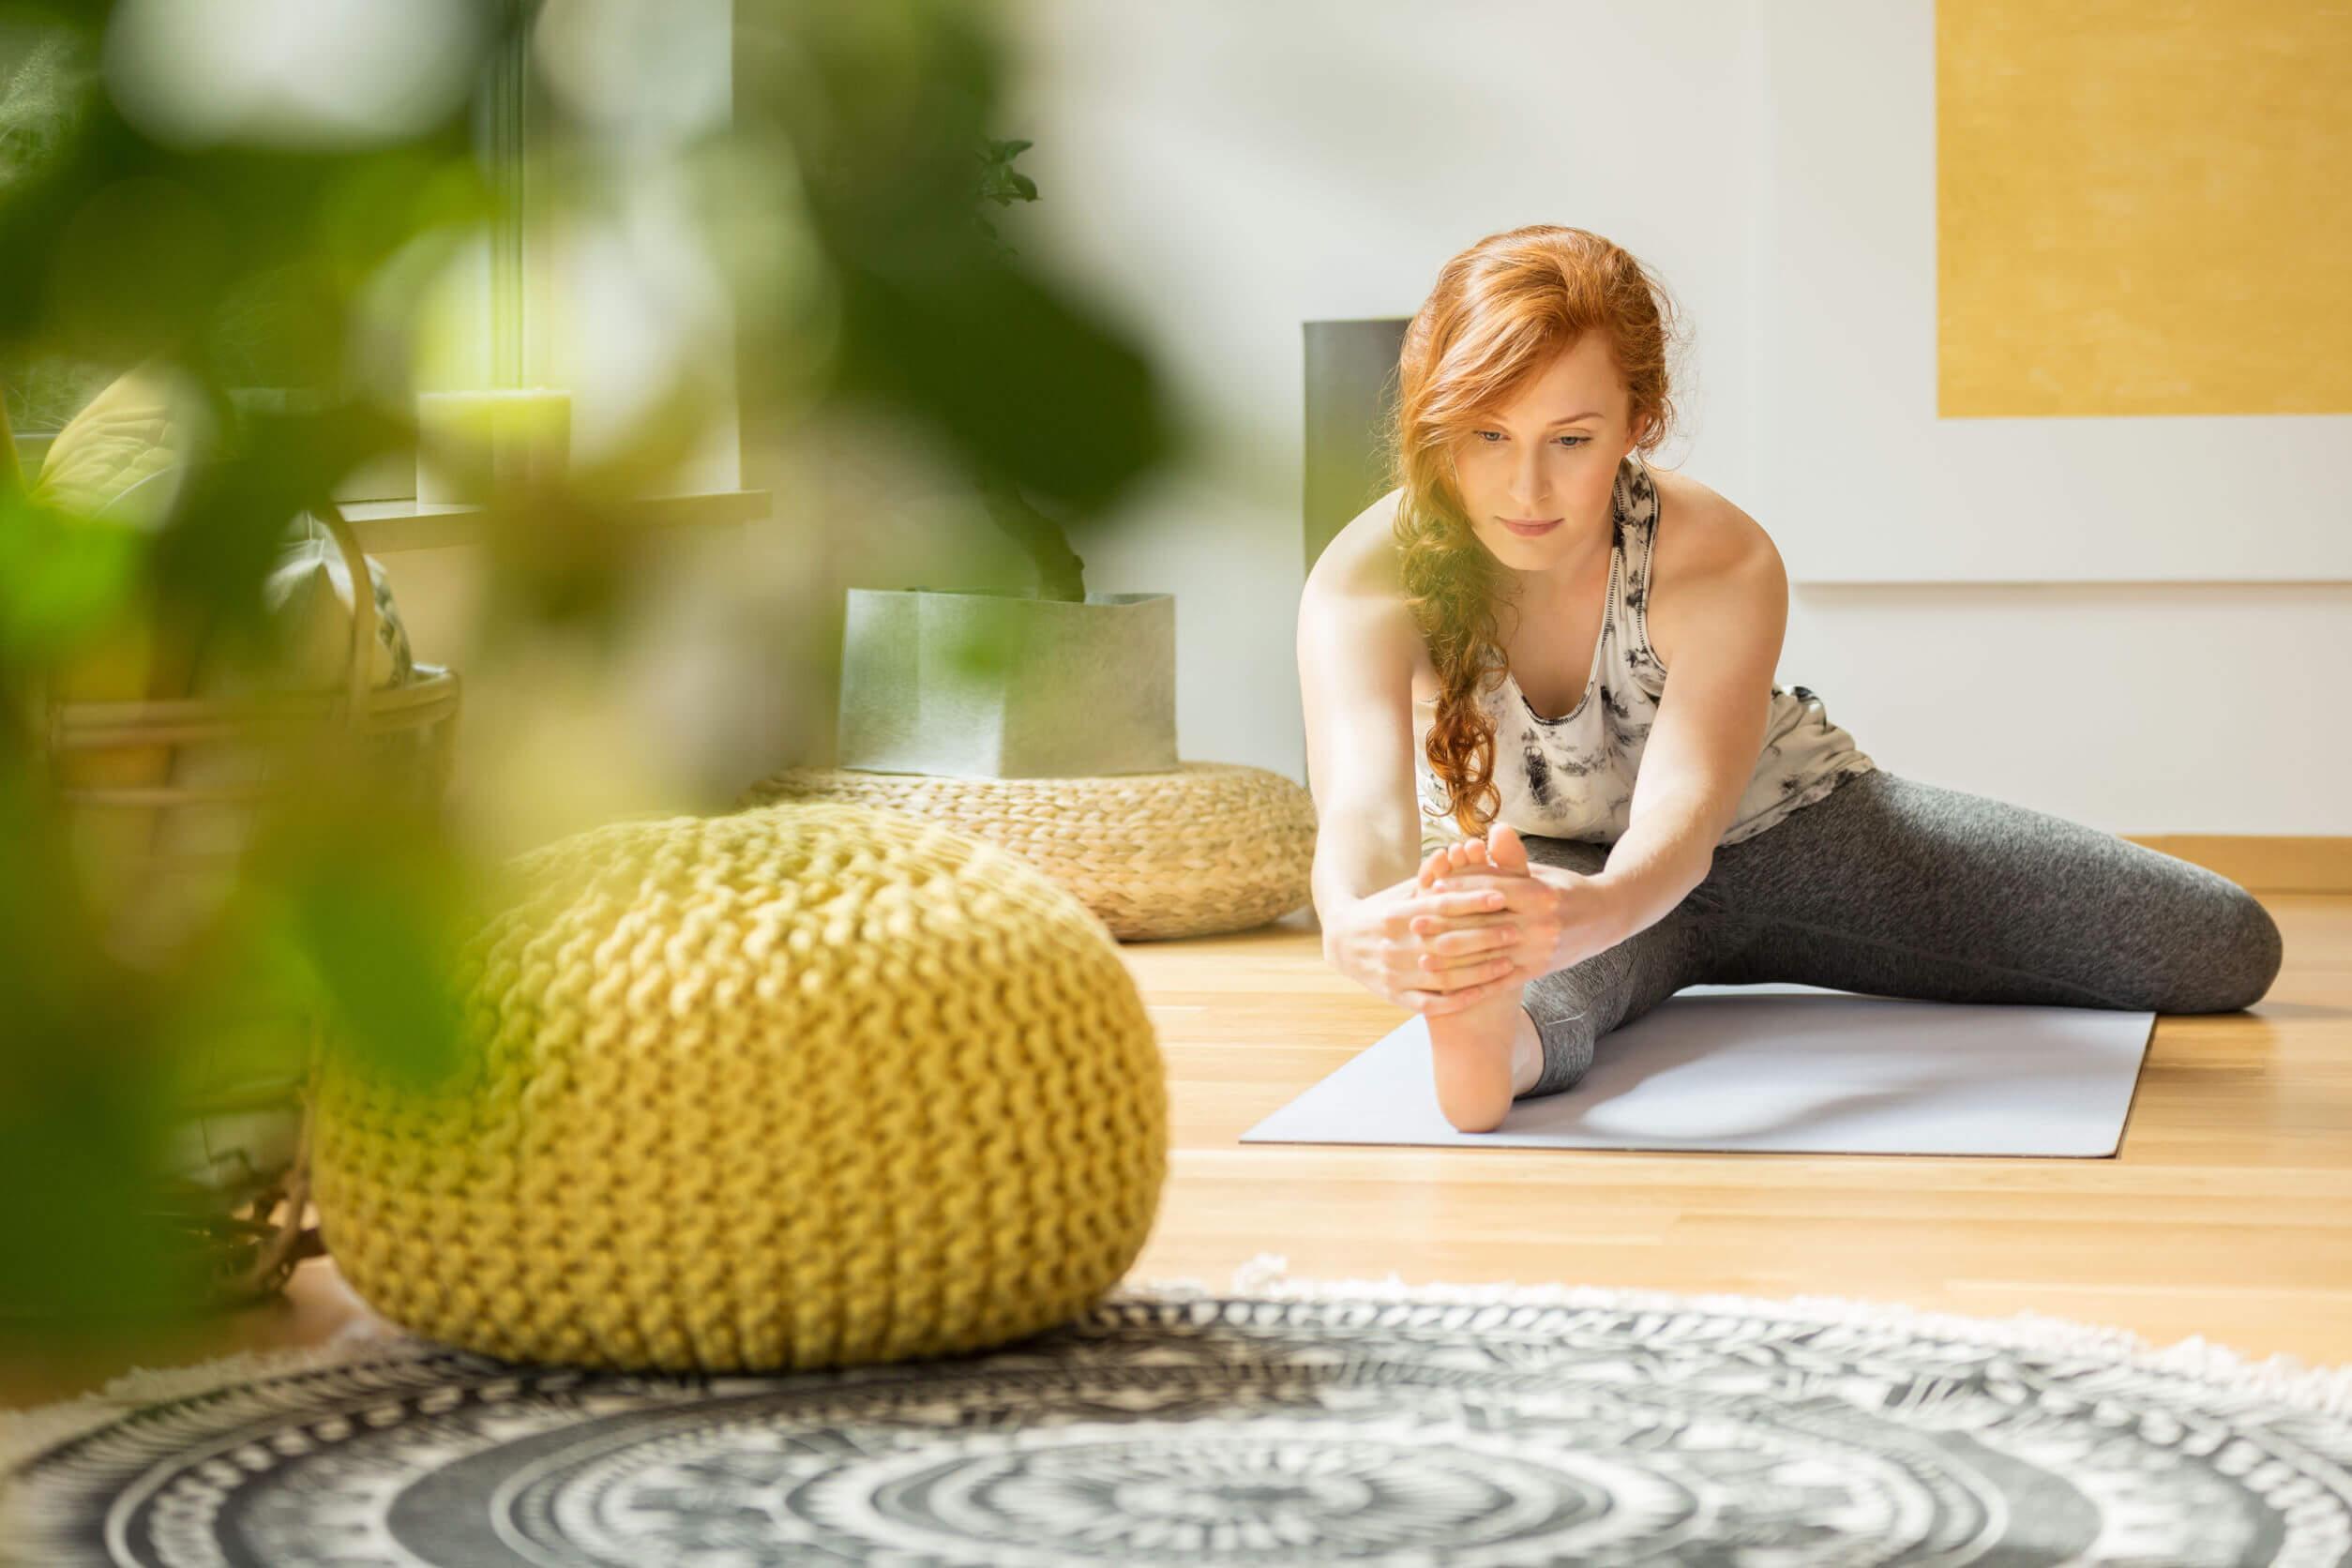 Para reducir los michelines es conveniente estirar antes de los ejercicios.